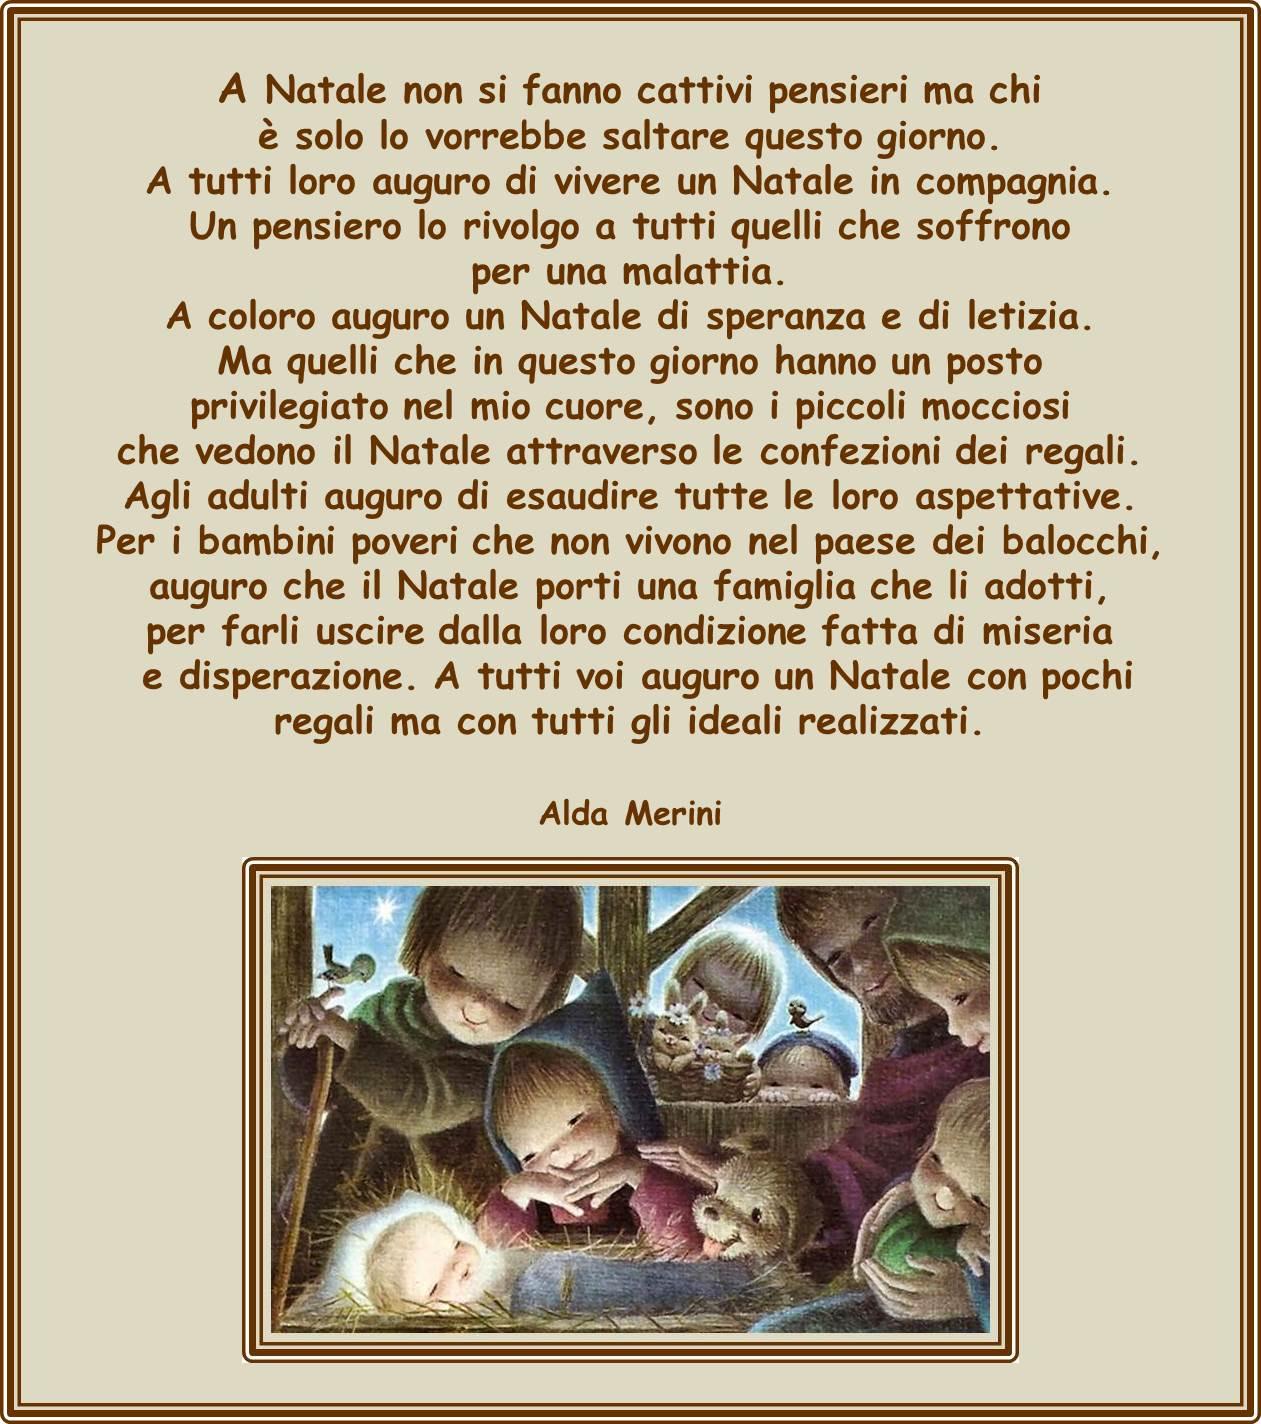 Poesie Di Natale Alda Merini.Poesia Buon Natale Alda Merini Frismarketingadvies